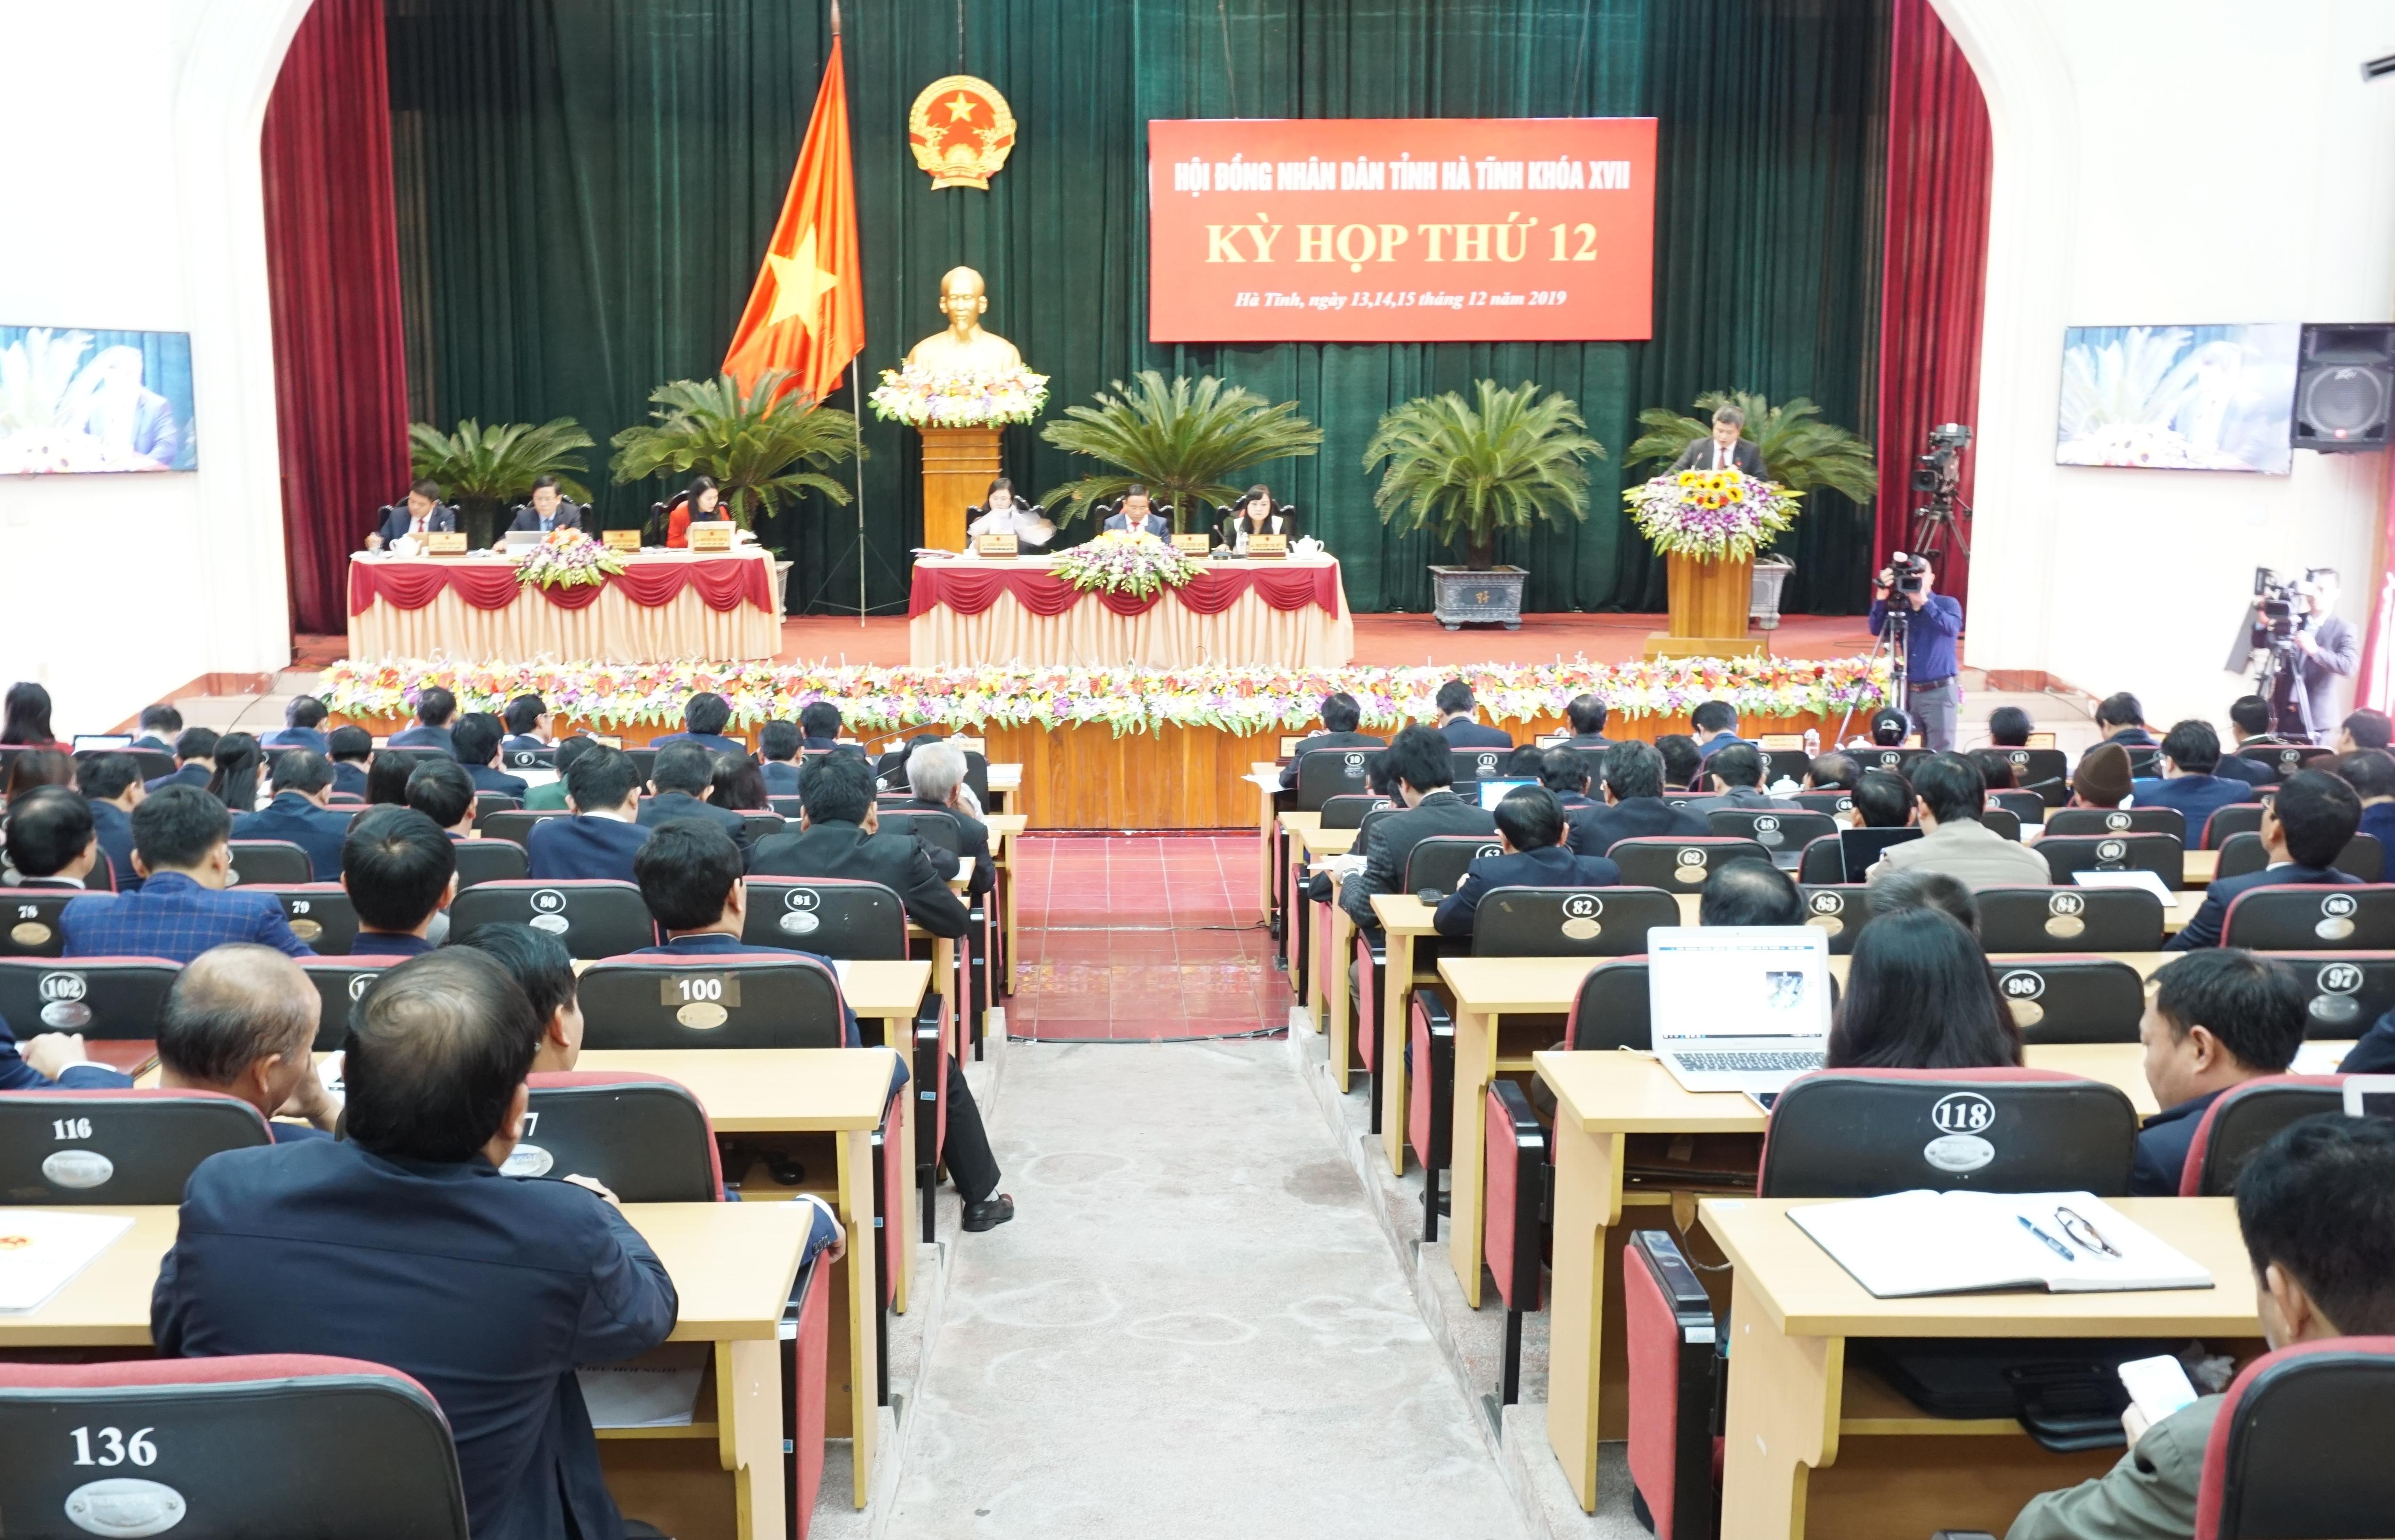 HĐND tỉnh Hà Tĩnh bế mạc kỳ họp thứ 12, khóa XVII